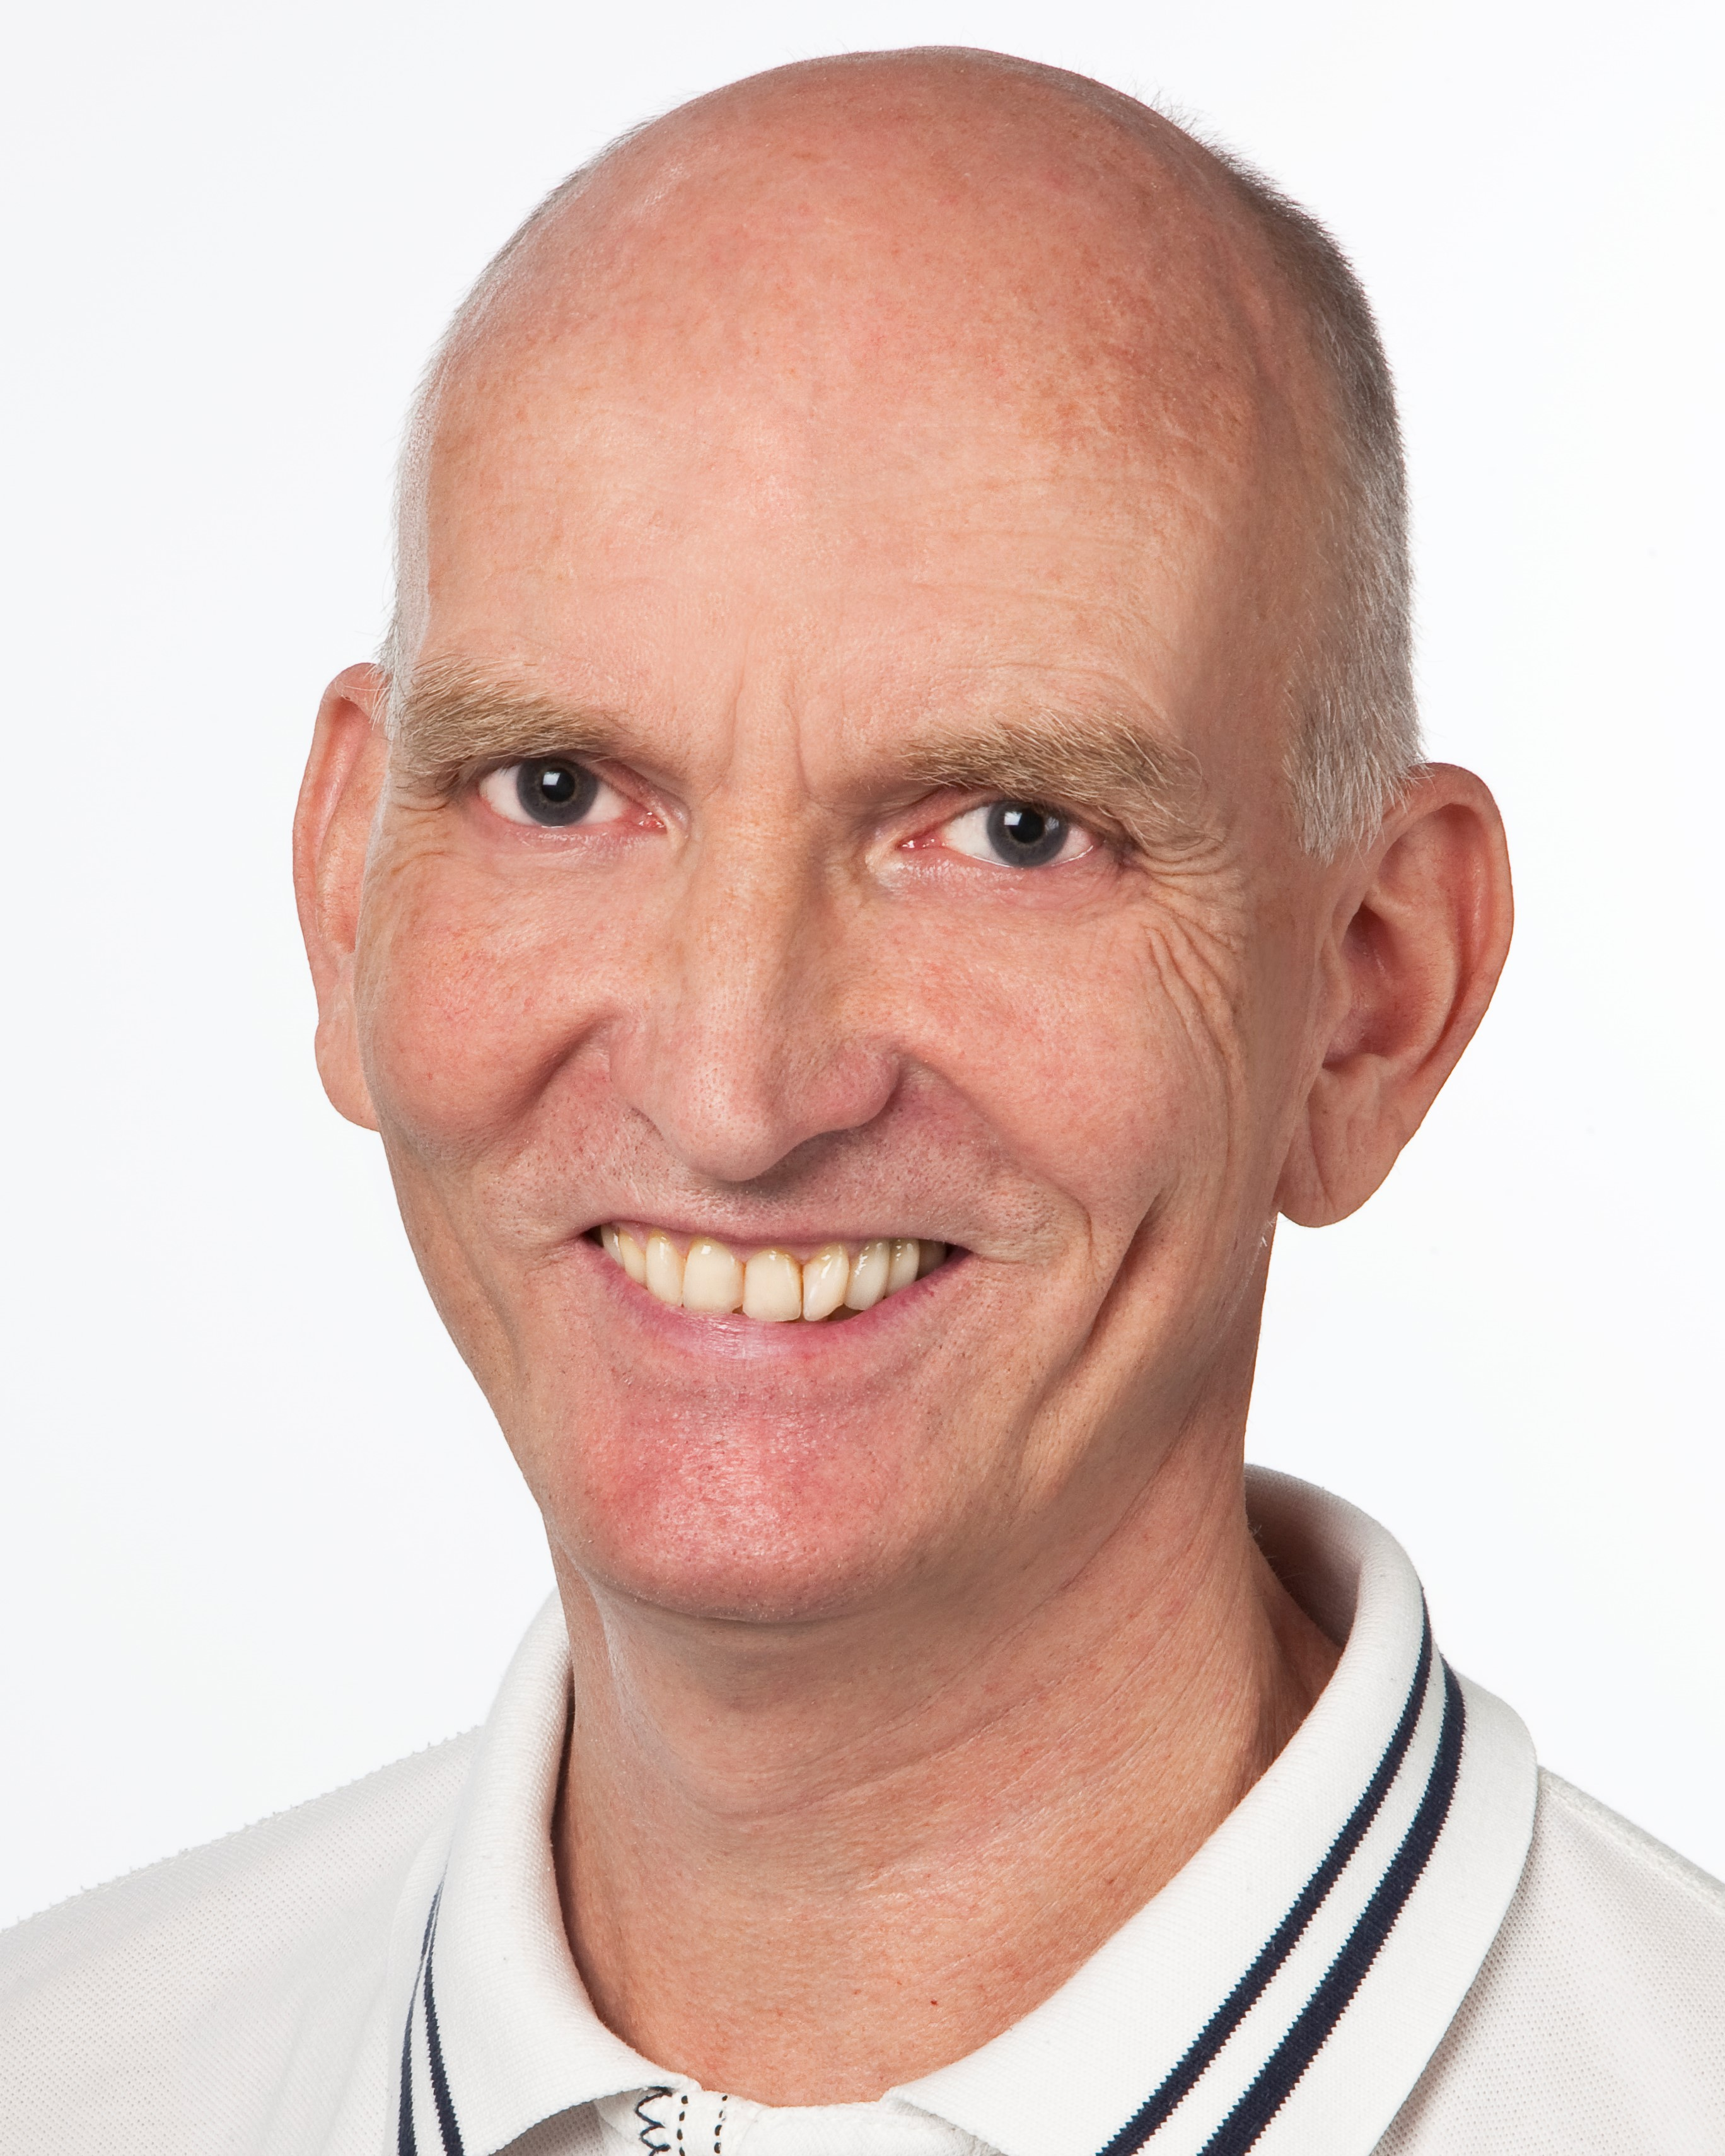 Søren B. Johannsen